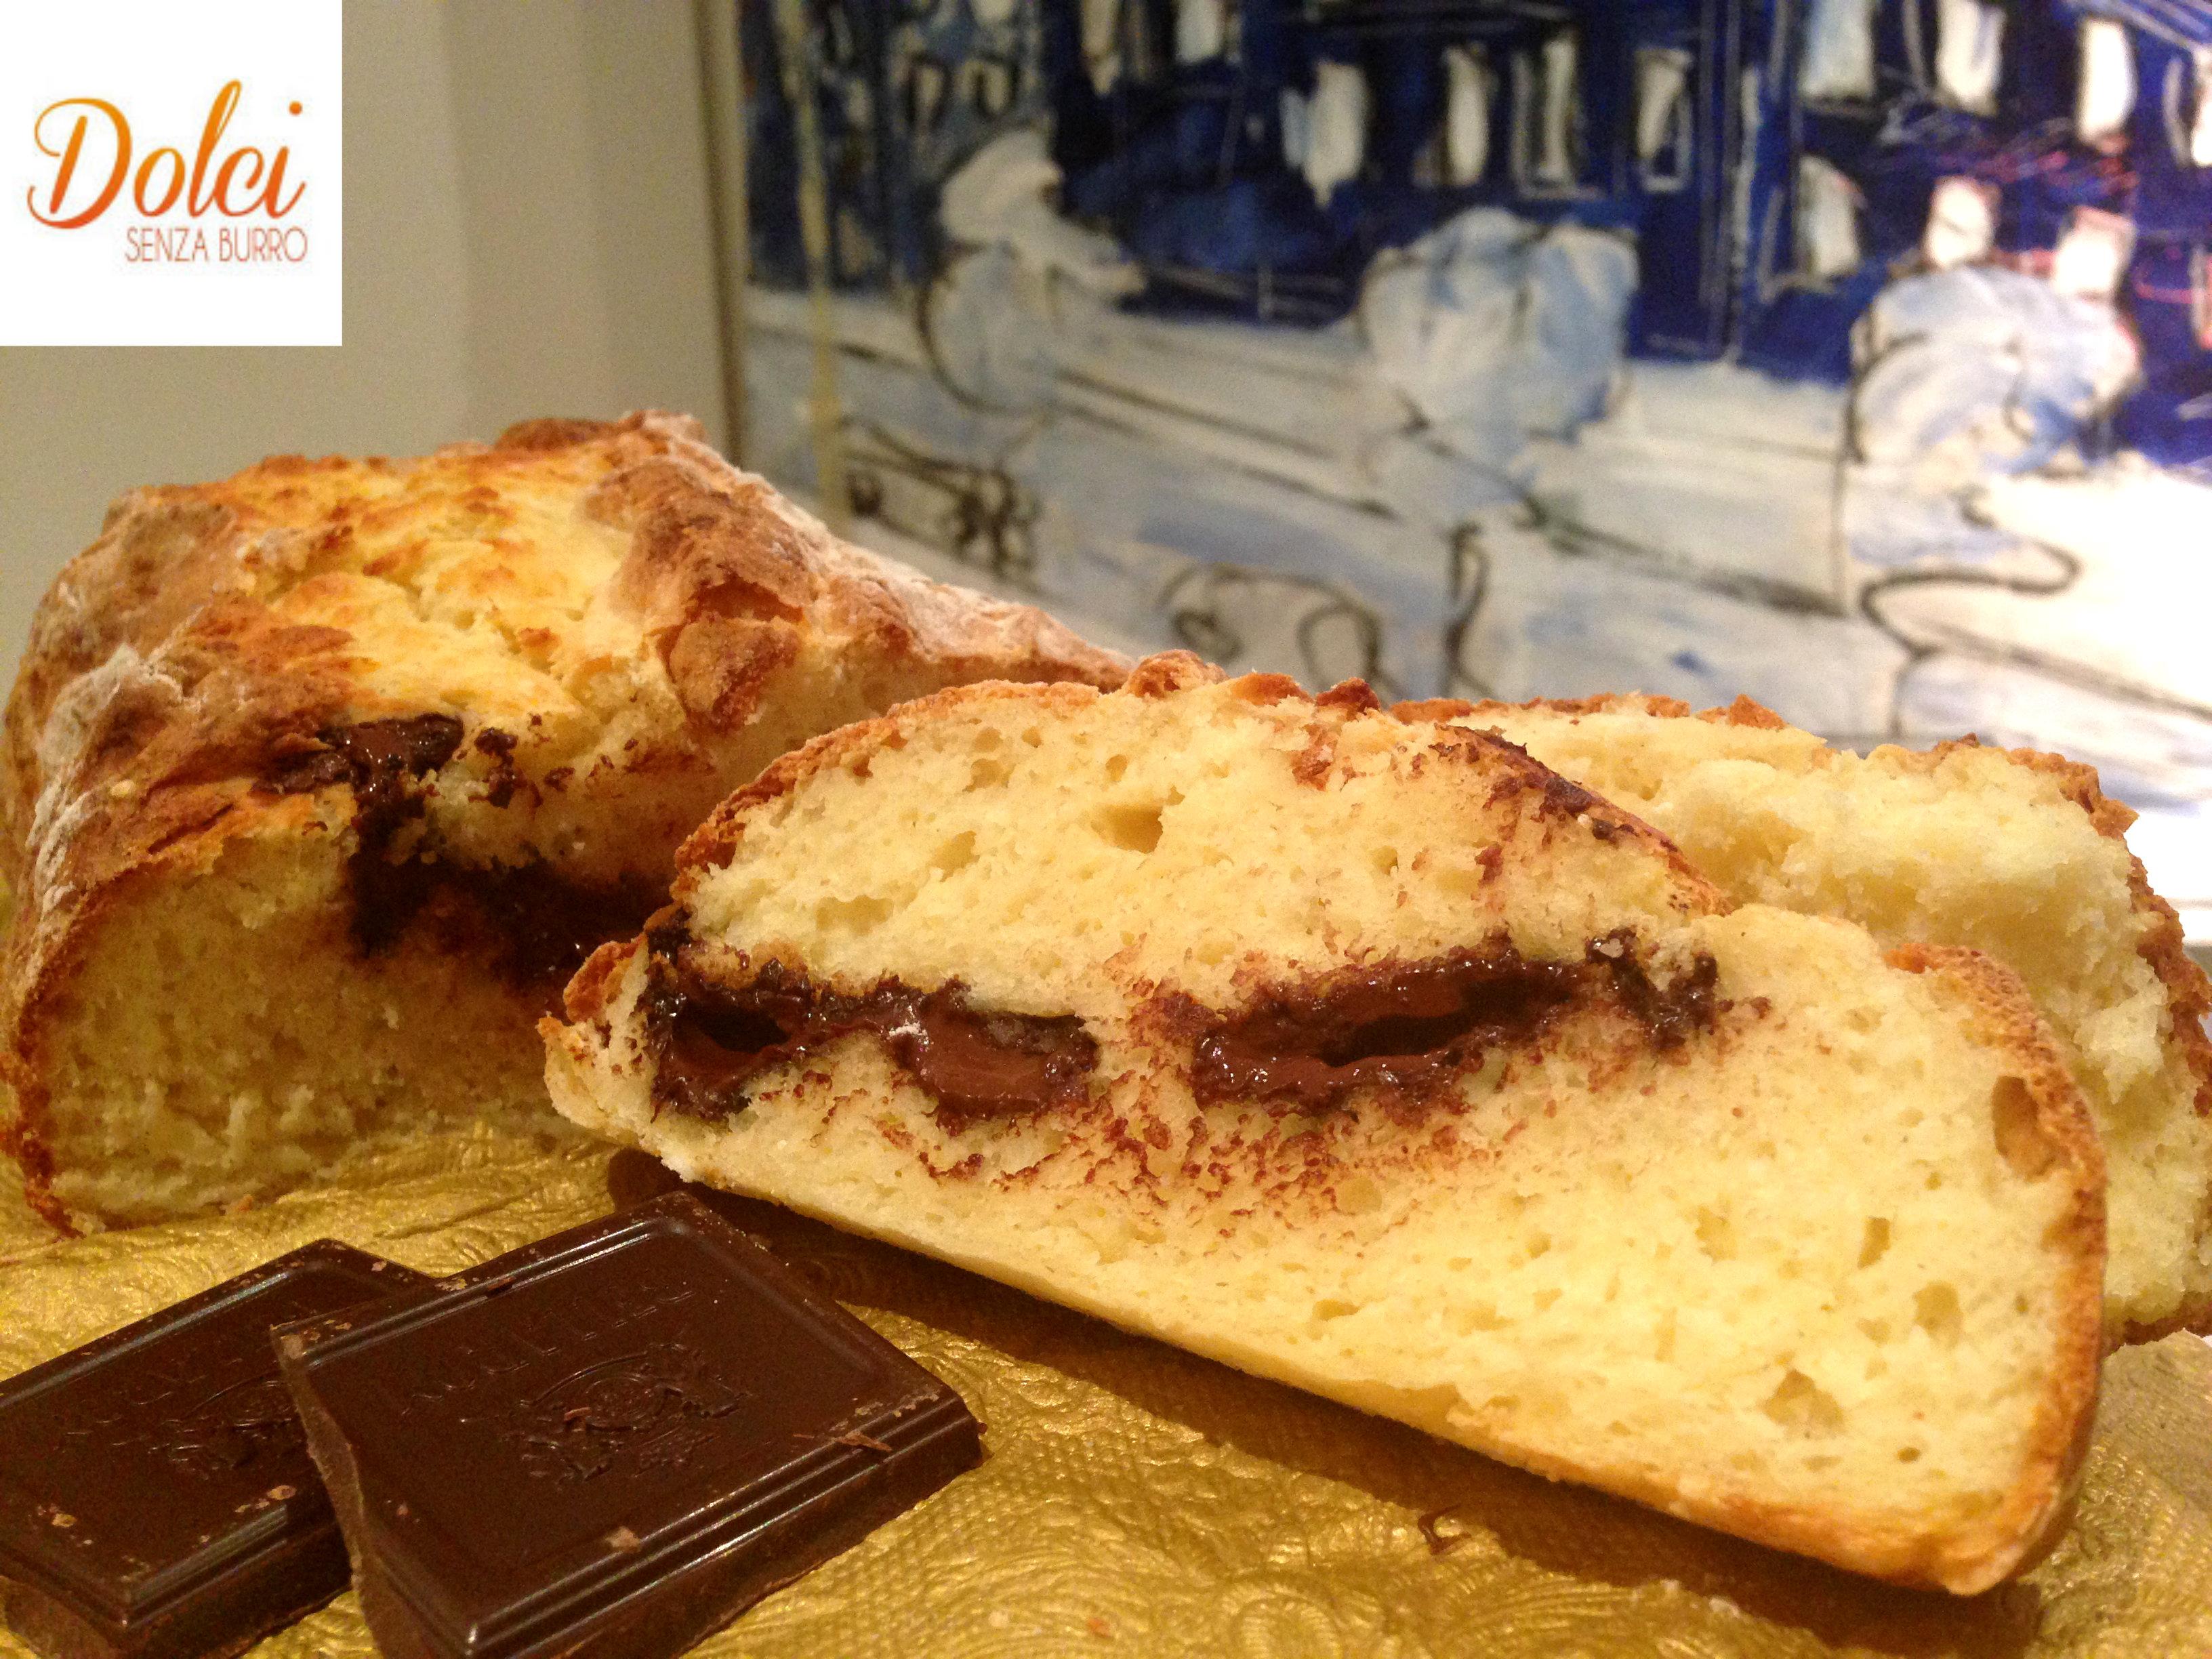 Pan Brioche Senza Burro alla Ricotta e cioccolato un dolce goloso di Dolci Senza Burro